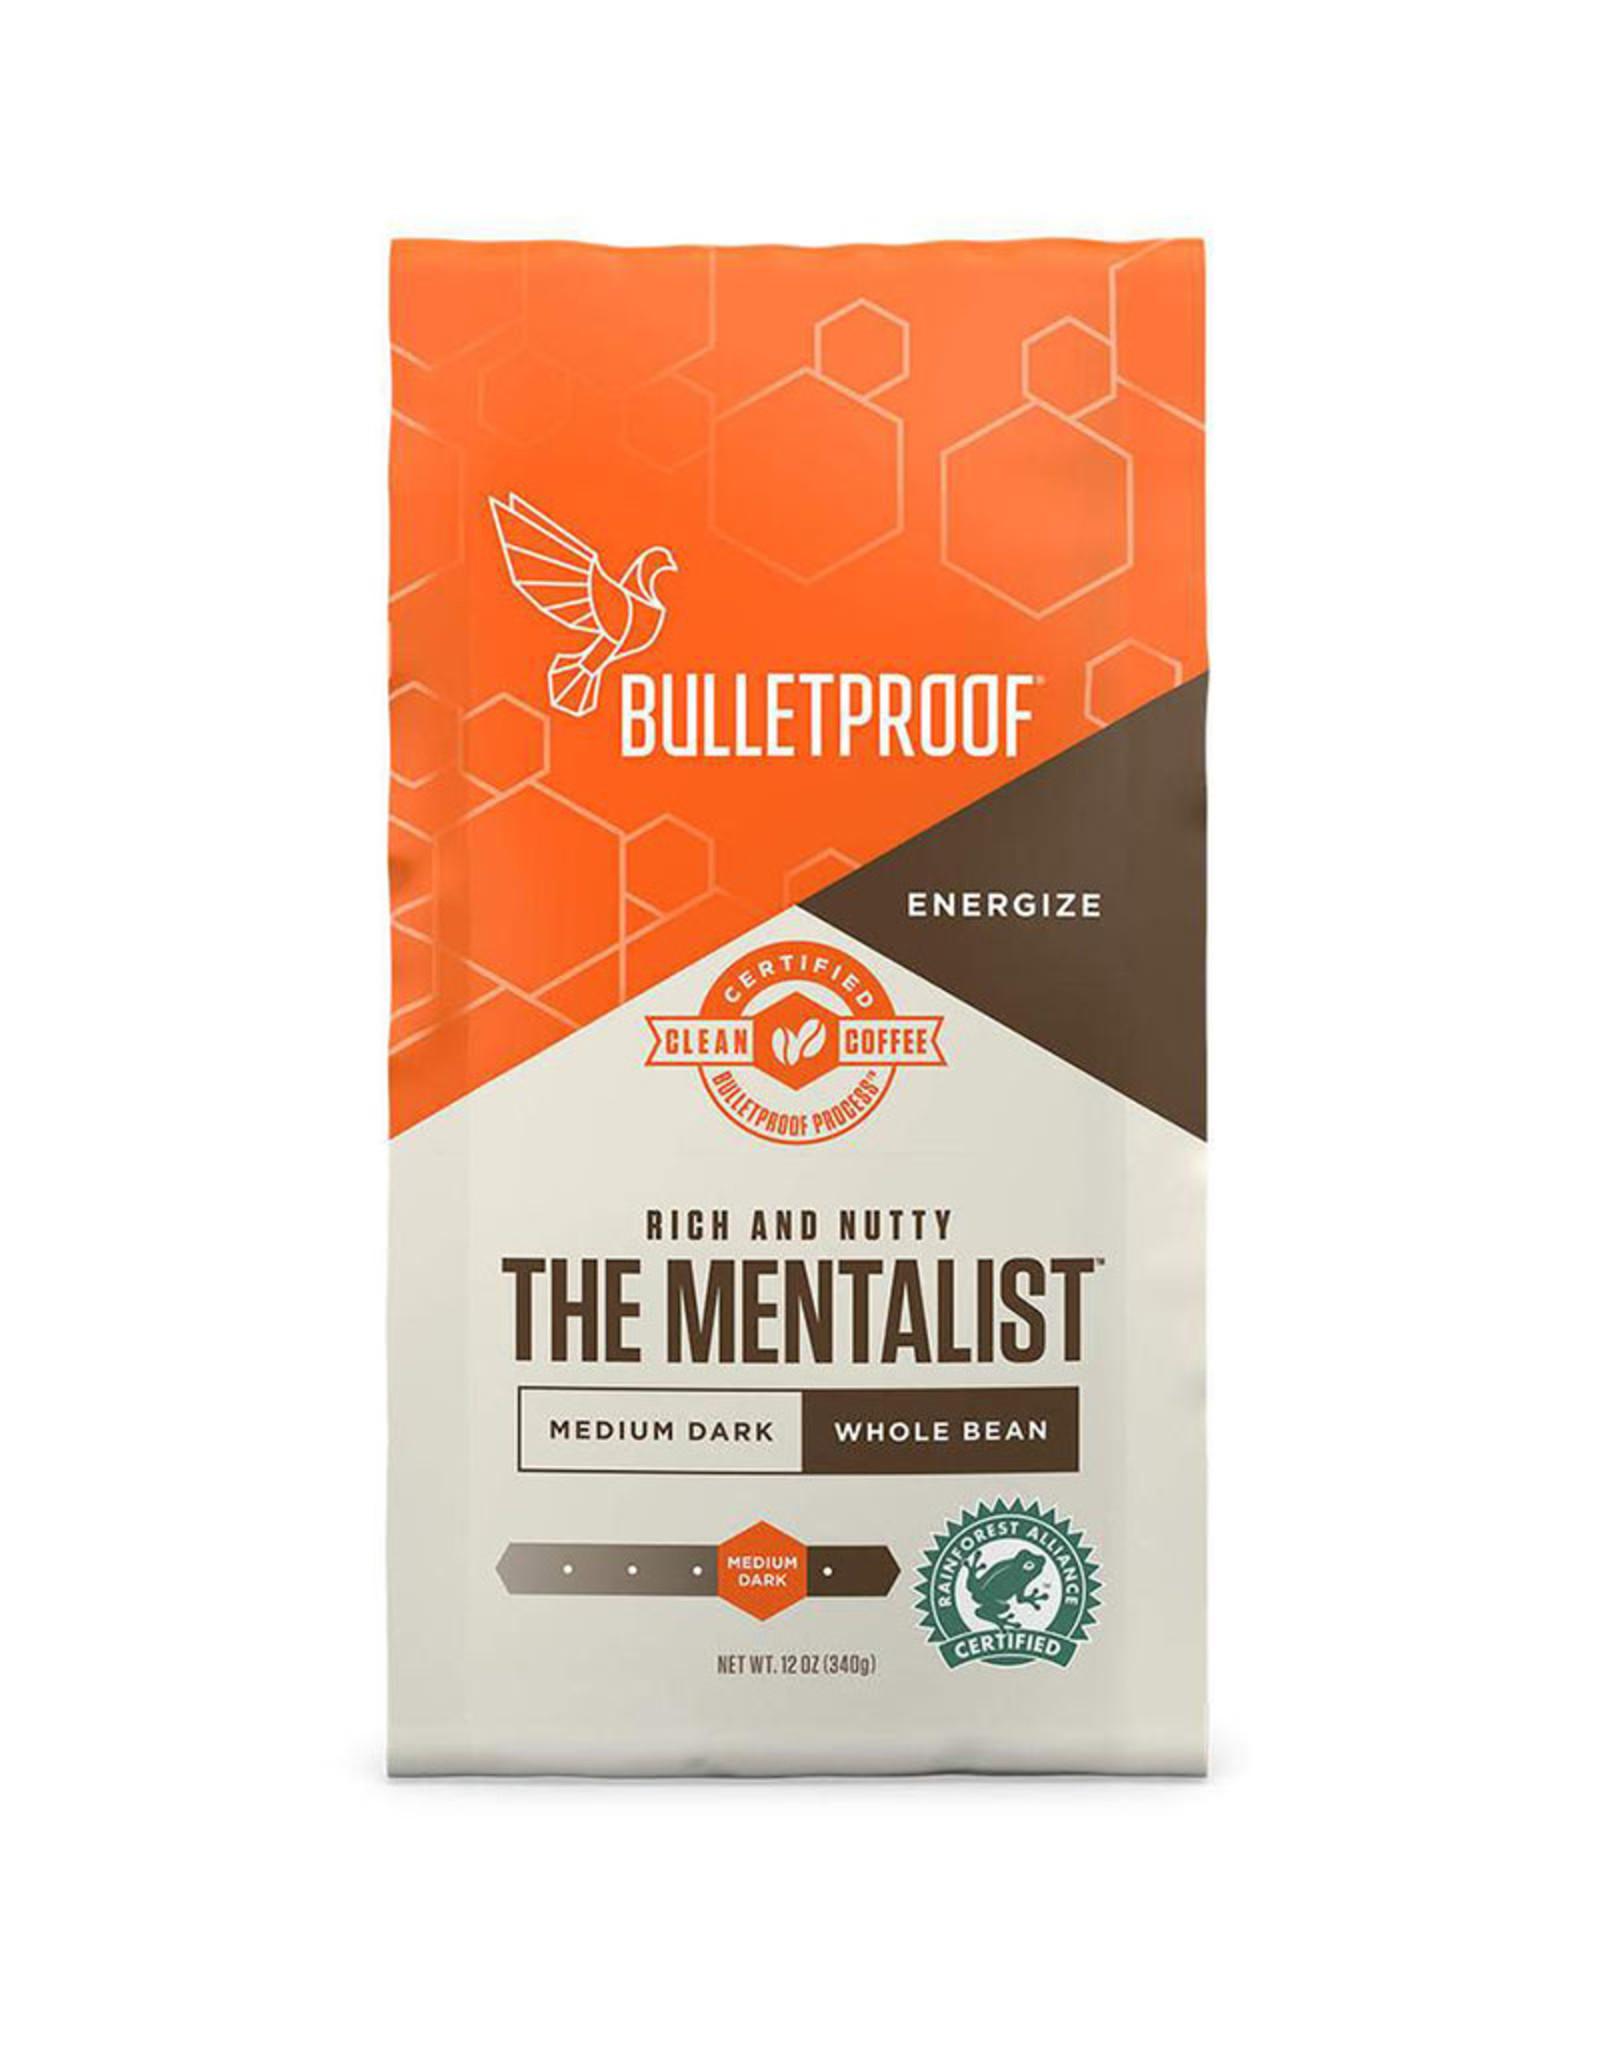 Bulletproof Bulletproof - Coffee, The Mentalist (340g)